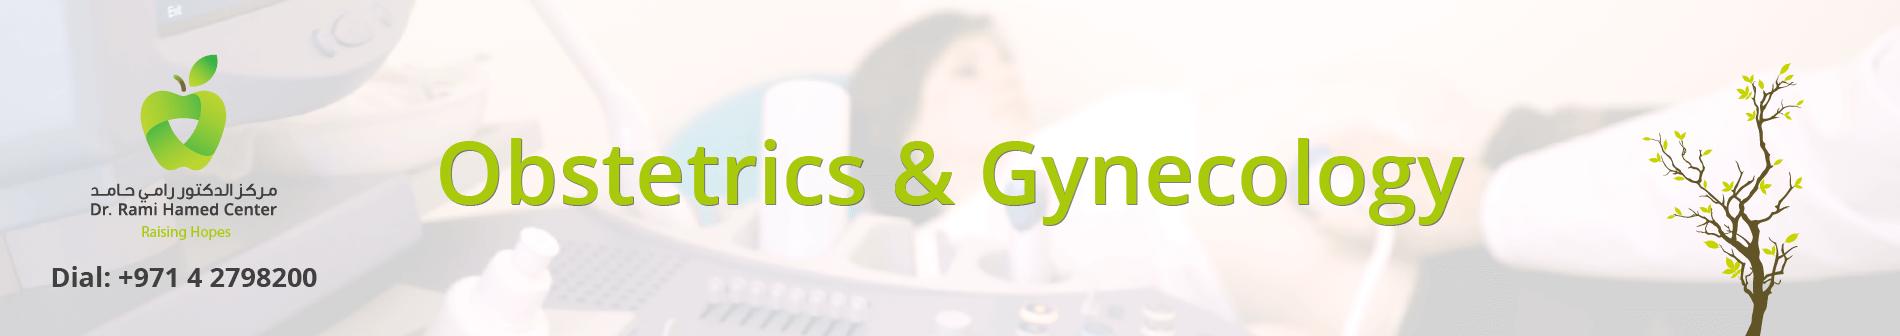 Dubai Obstetrics and Gynecology Clinic